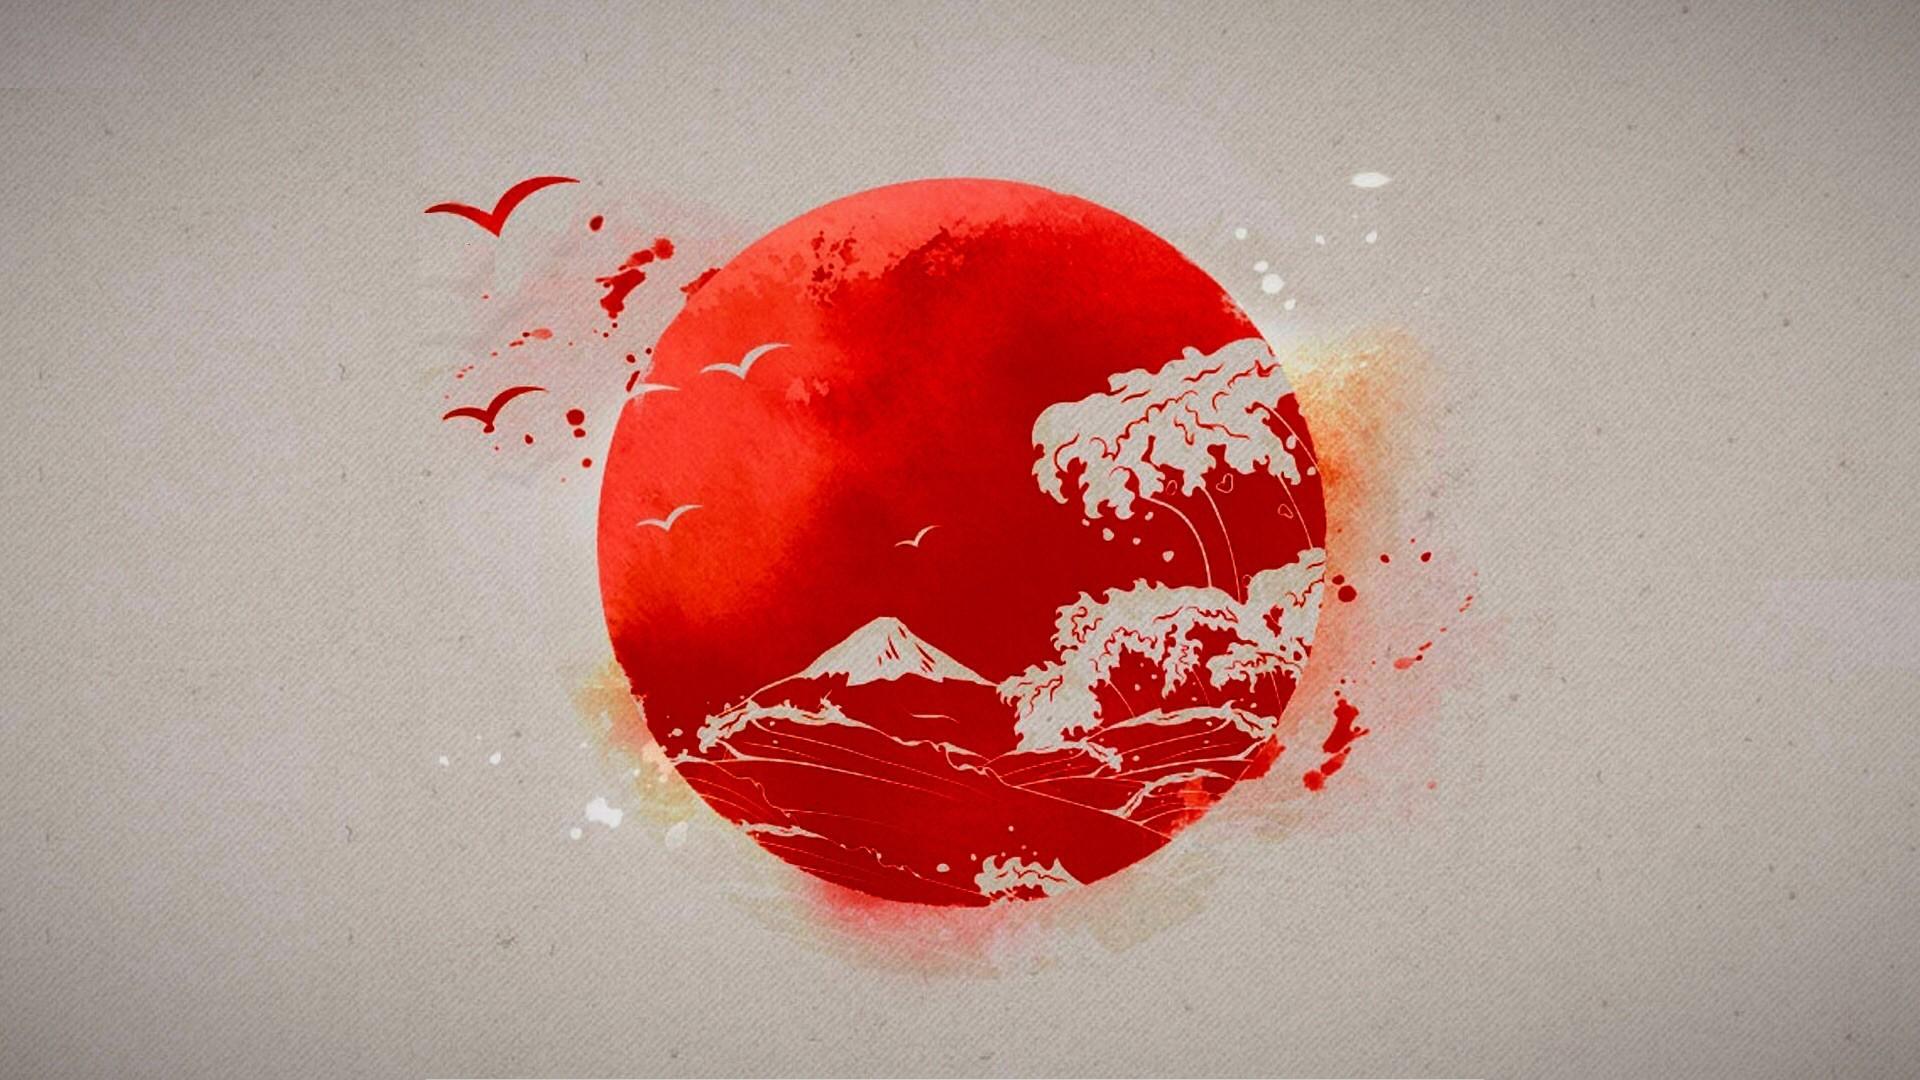 Fond D écran Dessin Illustration Abstrait Cœur Rouge